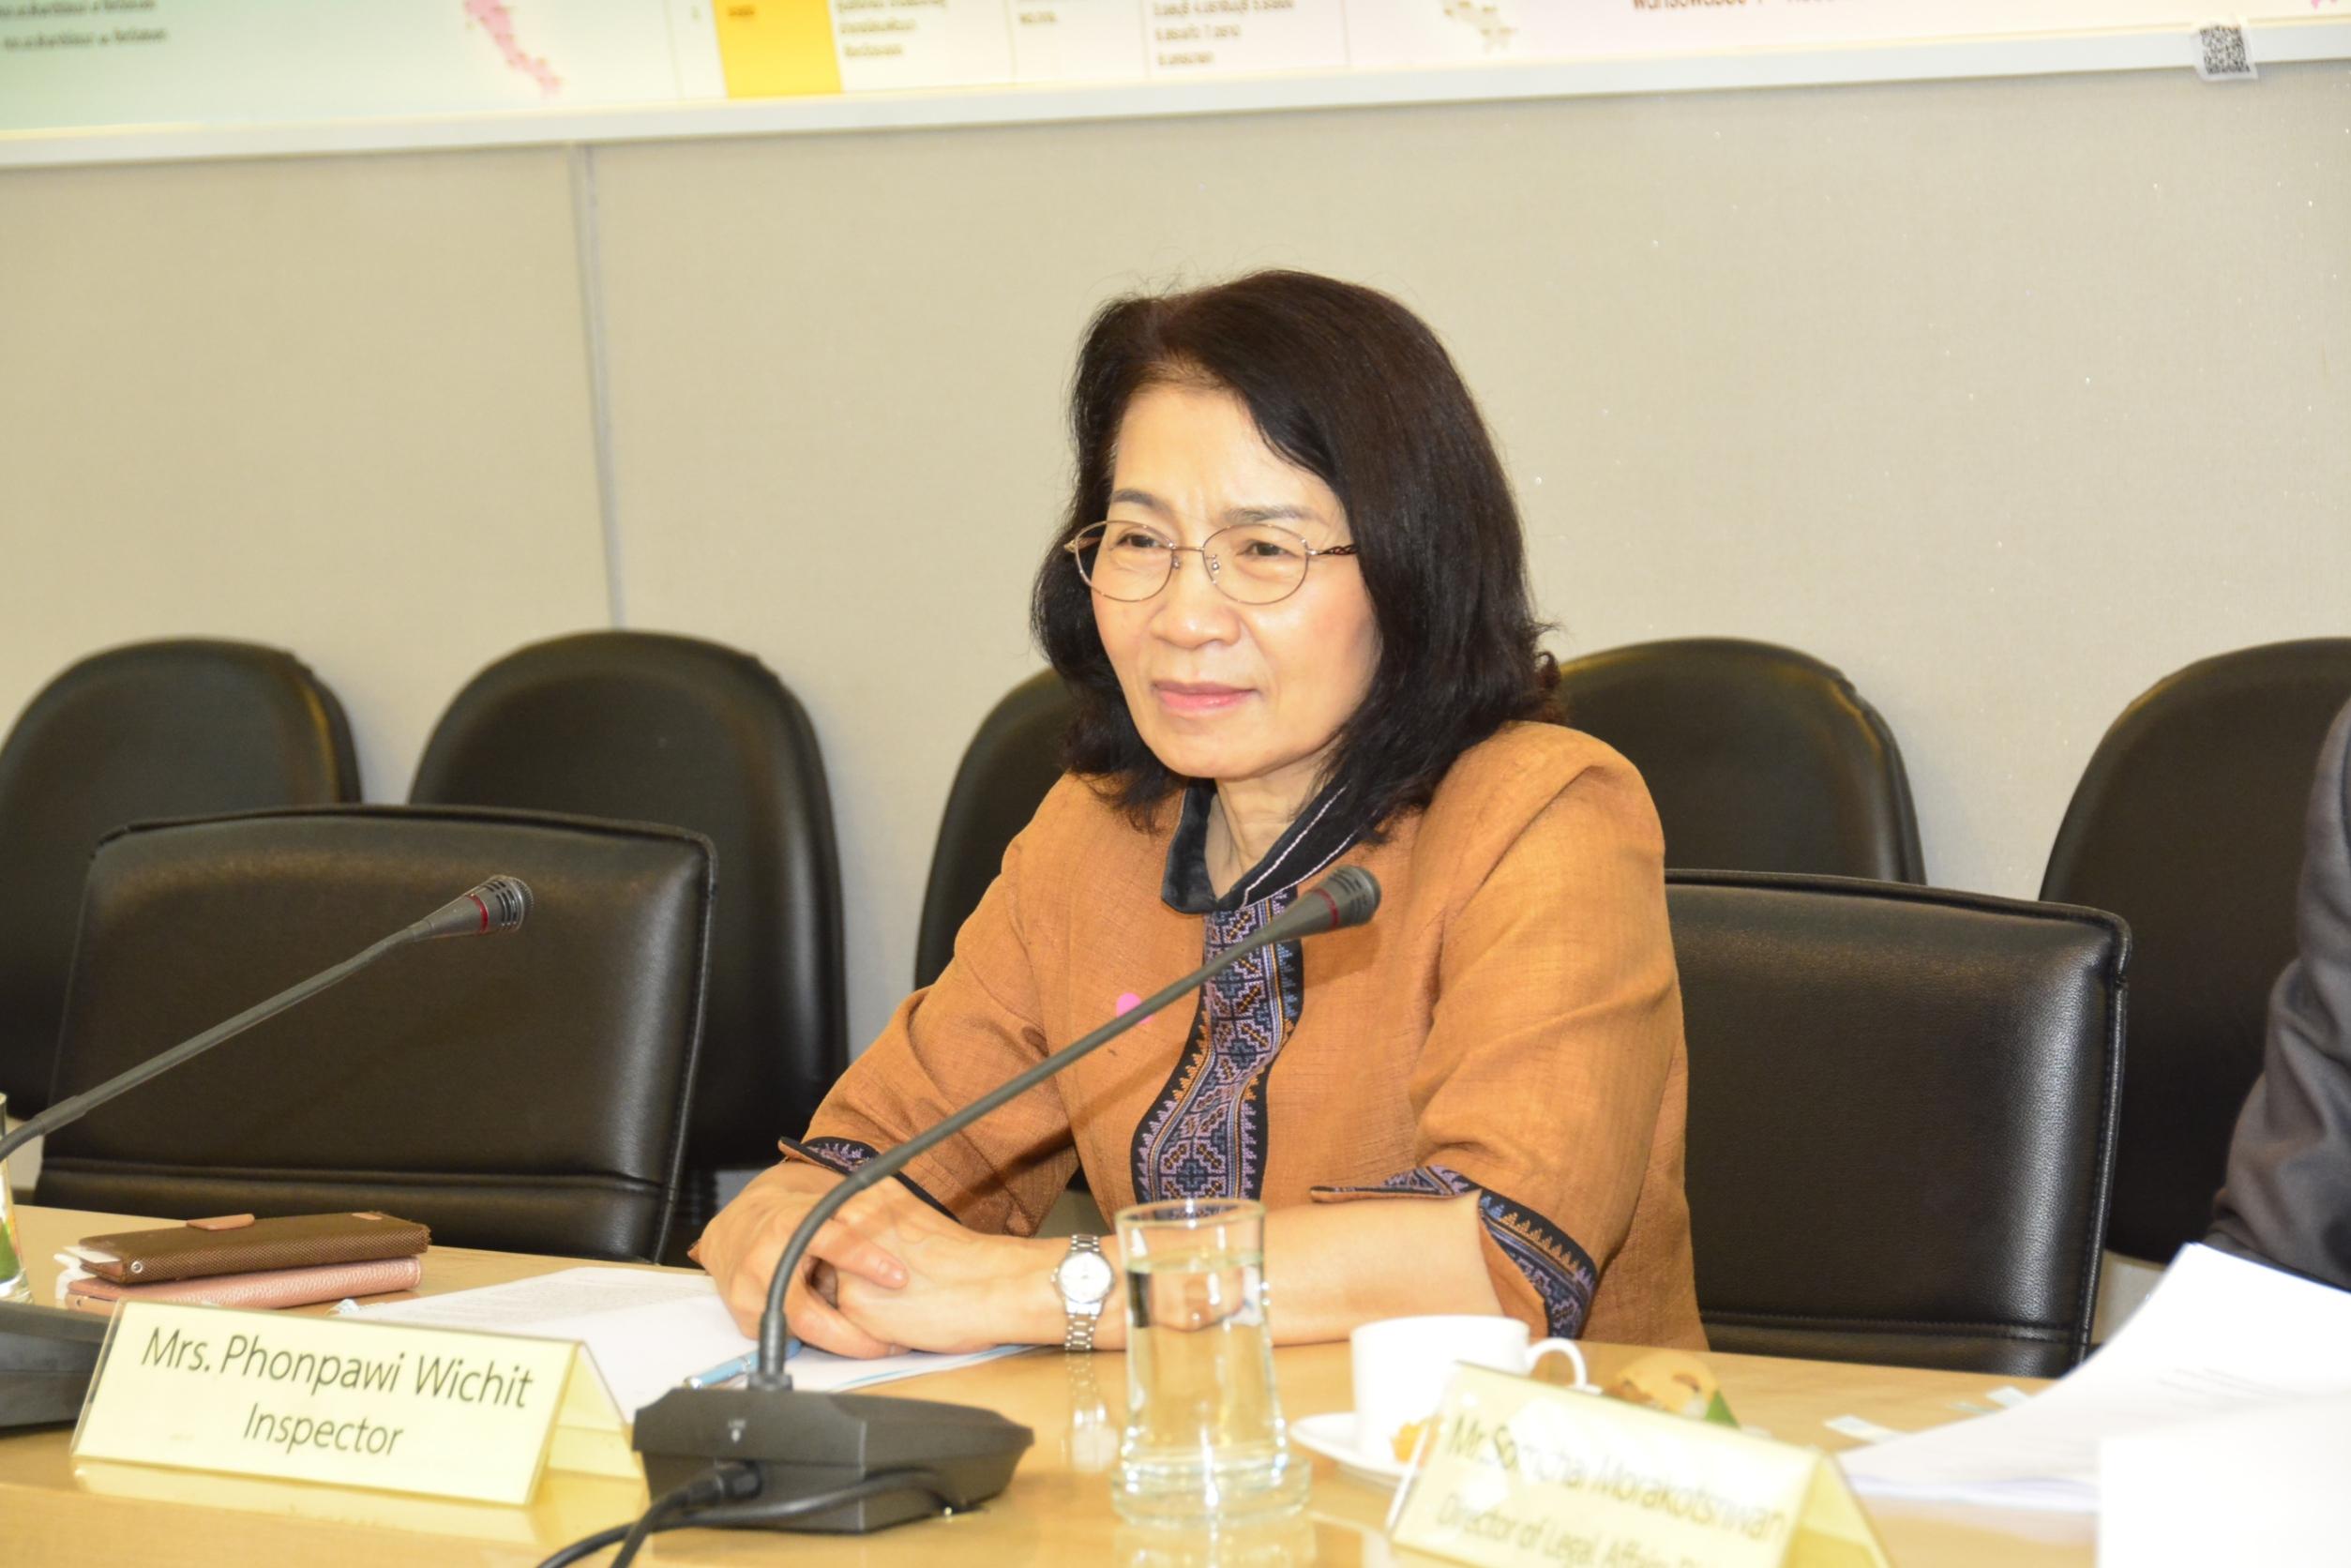 ผู้ตรวจราชการกรม   ให้การต้อนรับคณะจากองค์การแรงงานระหว่างประเทศ (ILO)